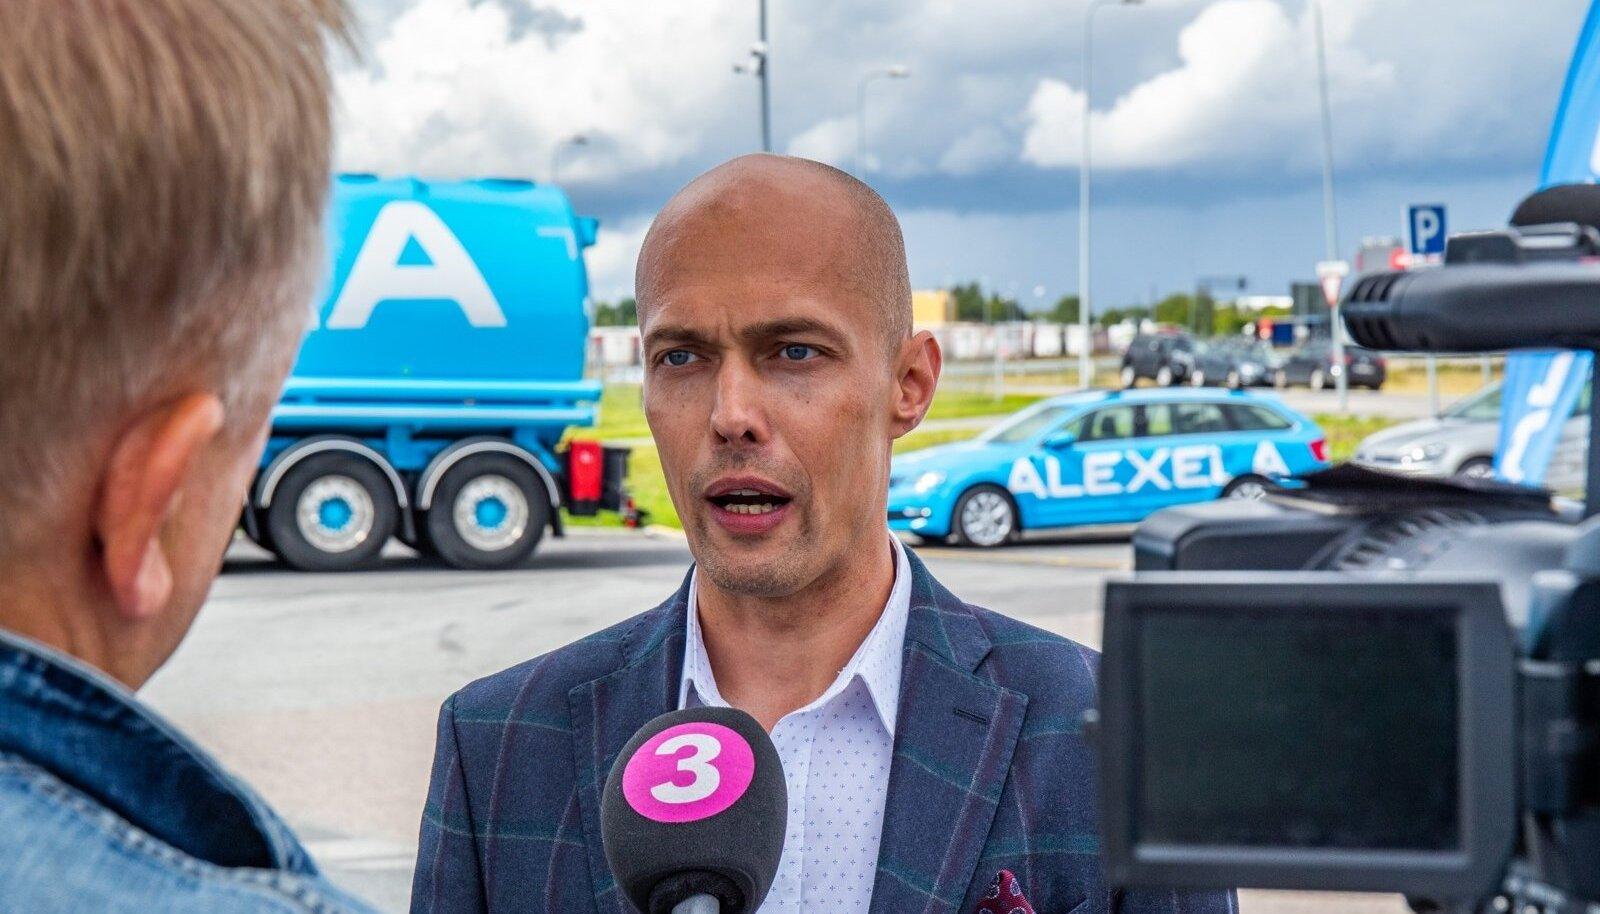 Alan Vaht